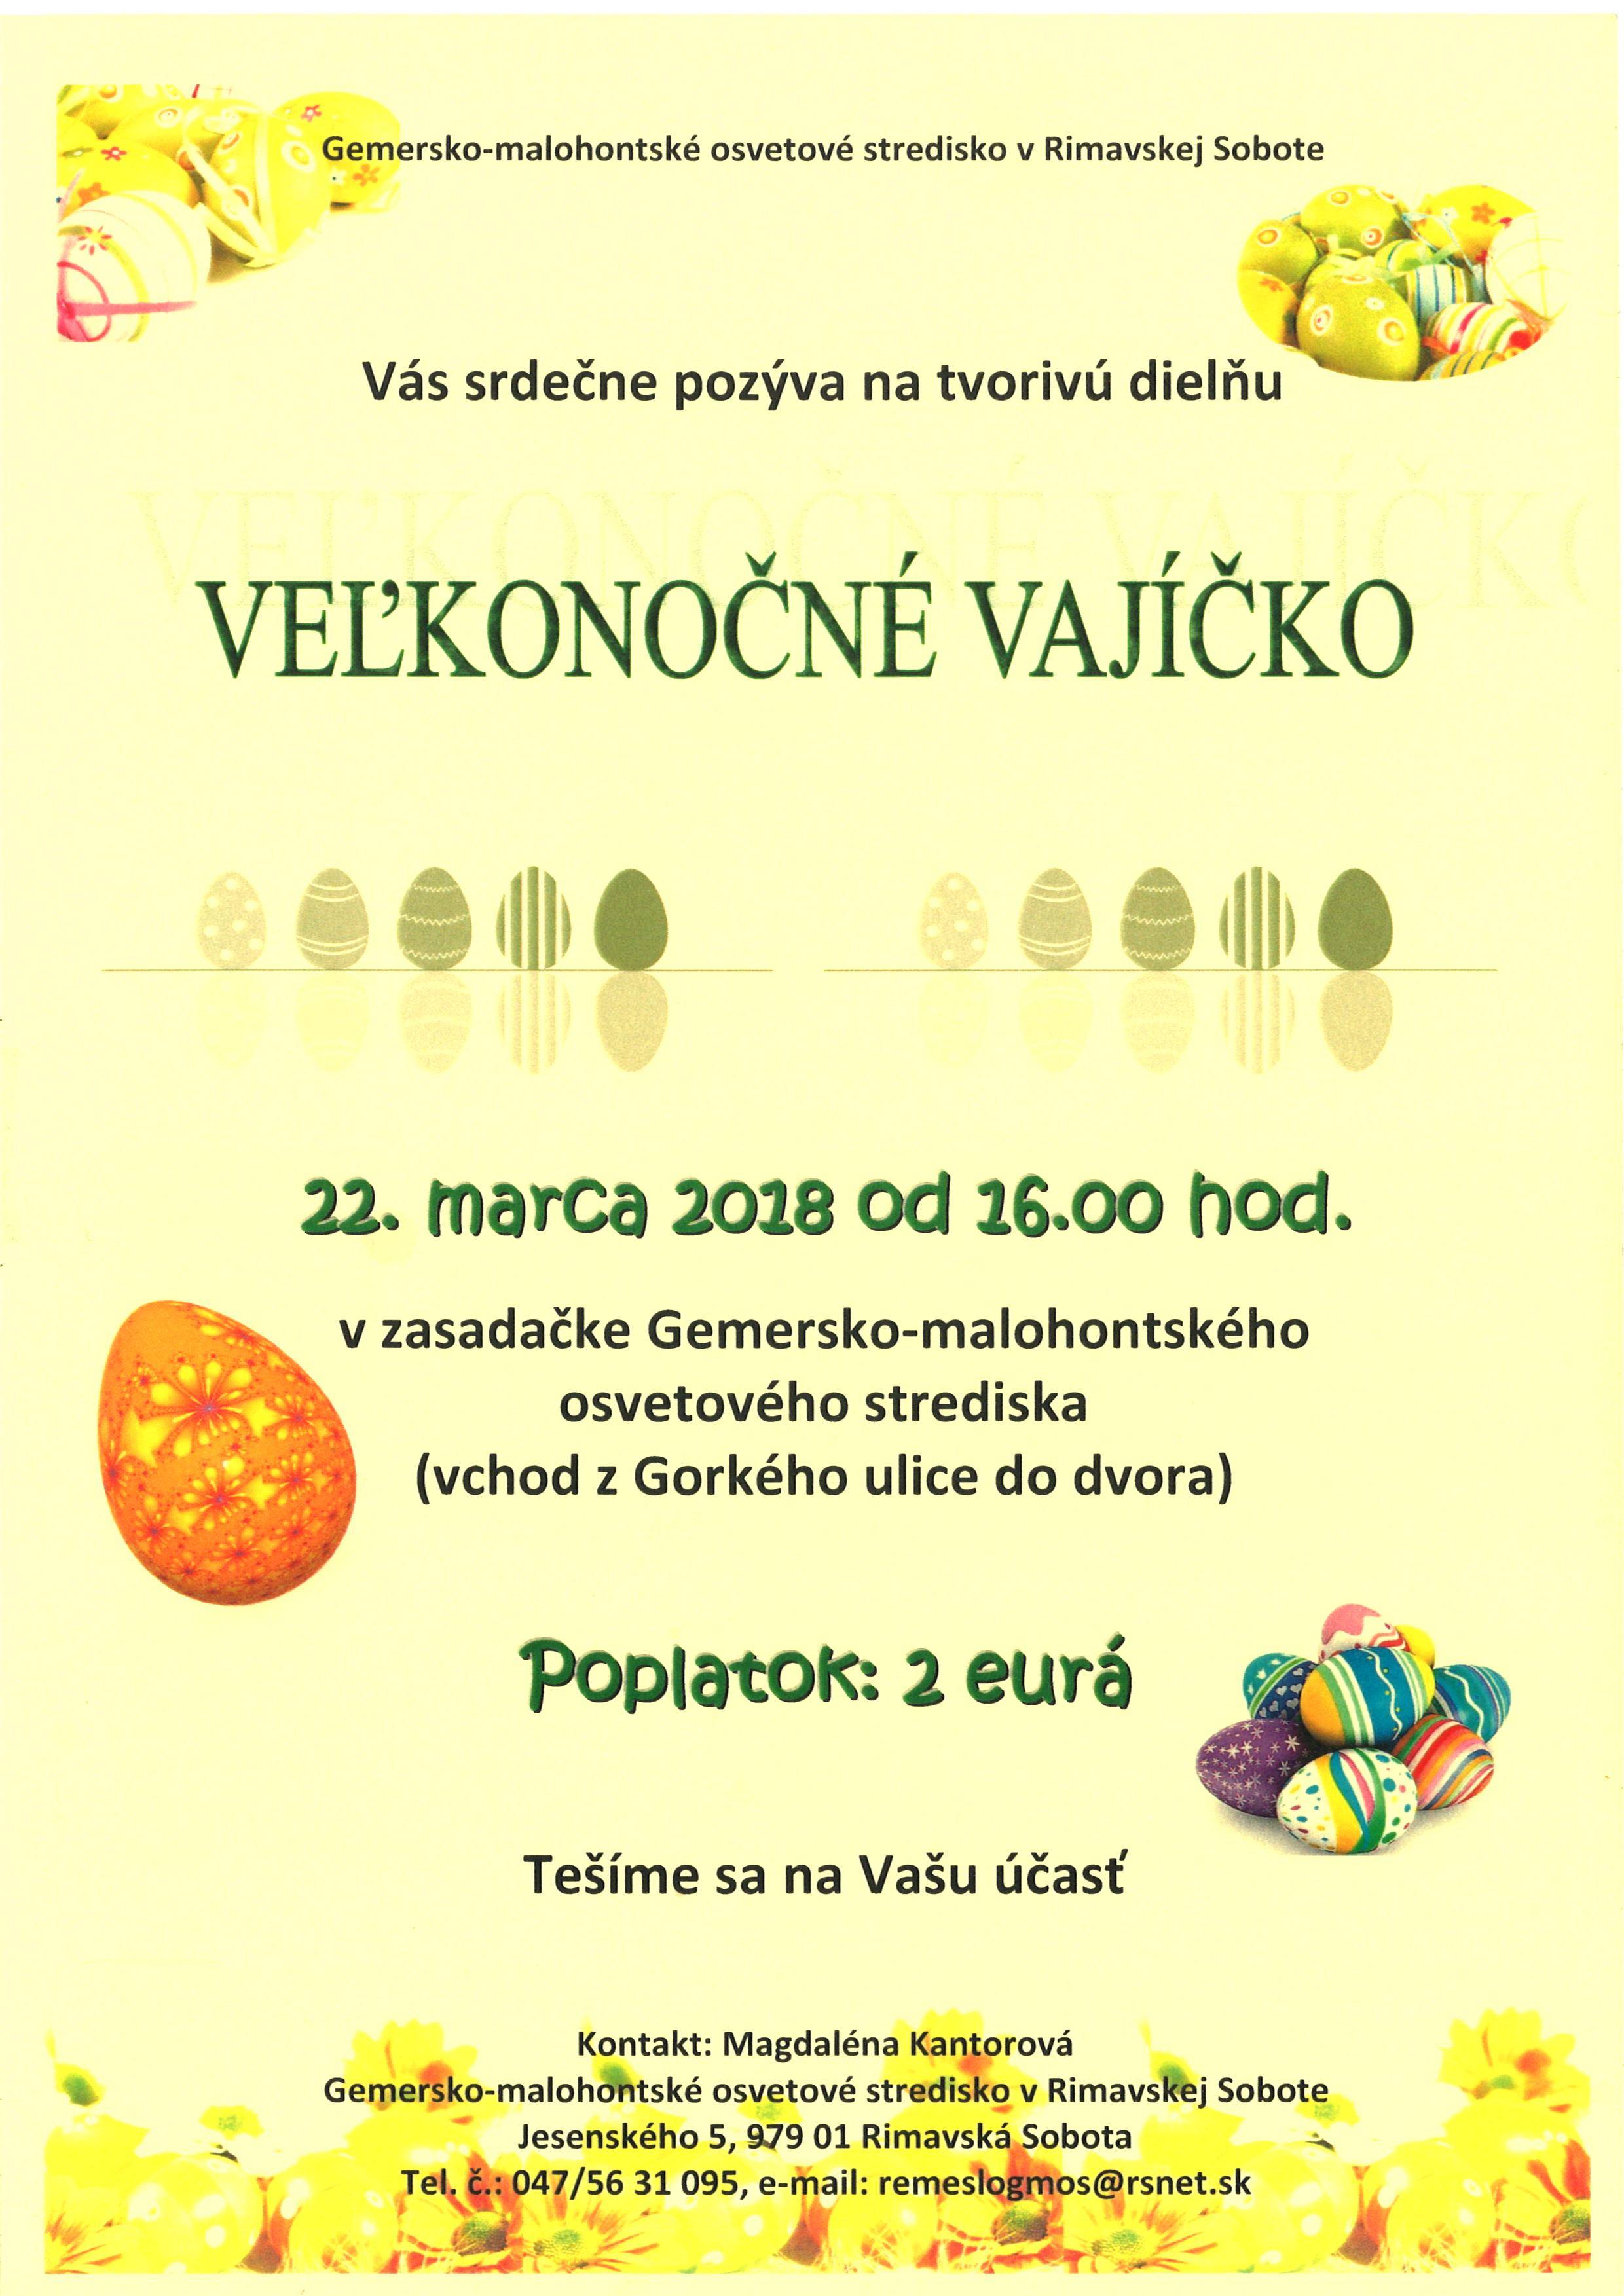 VEĽKONOČNÉ VAJÍČKO @ Gemersko-malohontské osvetové stredisko v Rimavskej Sobote | Banskobystrický kraj | Slovensko